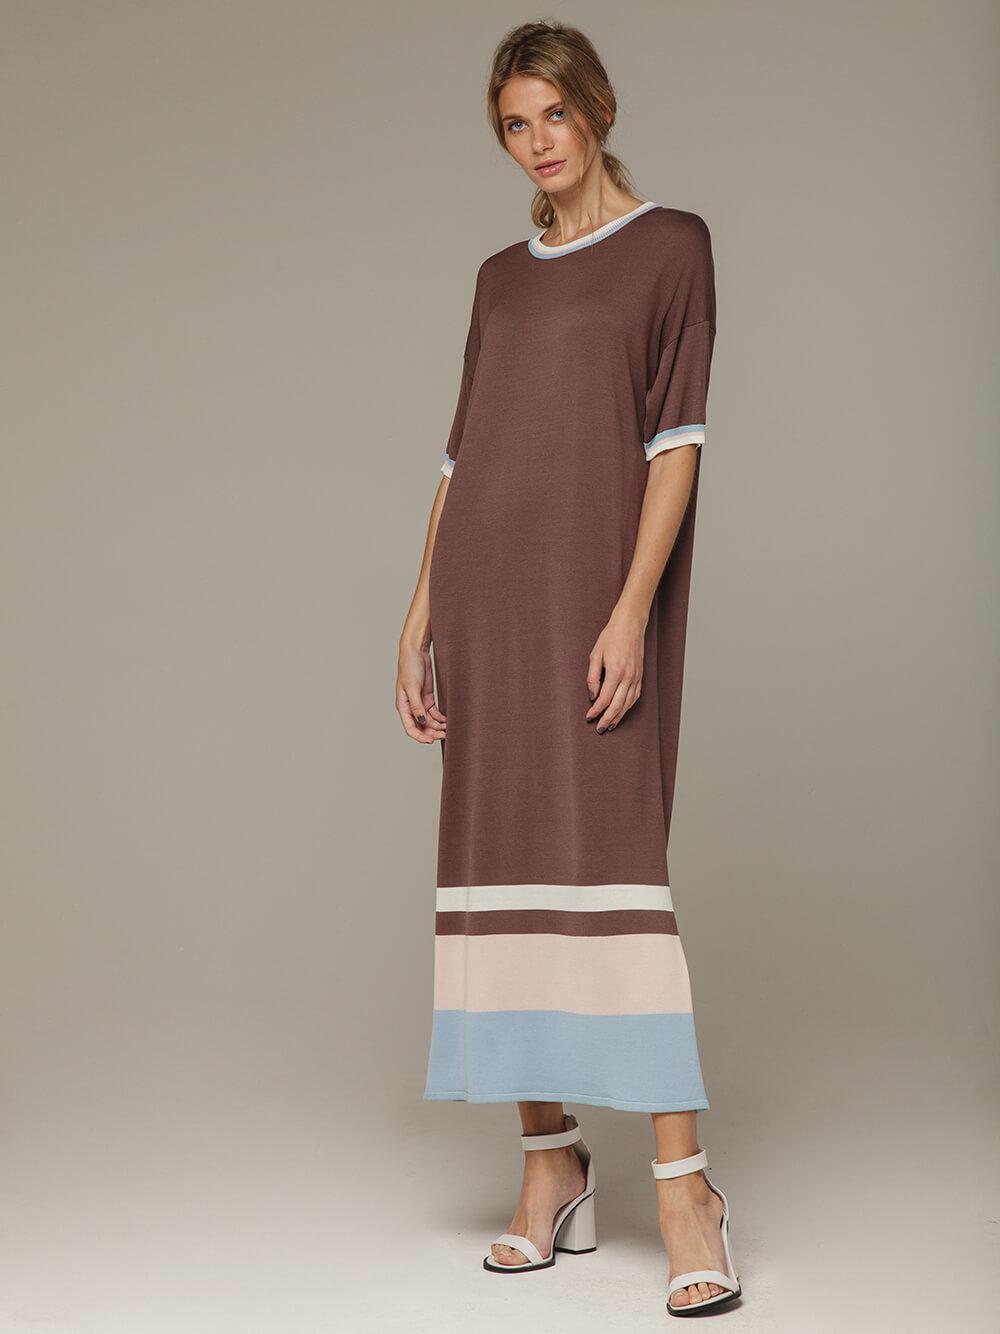 Платье в кофейном цвете прямого силуэта из шелка с вискозой, легкое и струящееся - фото 1